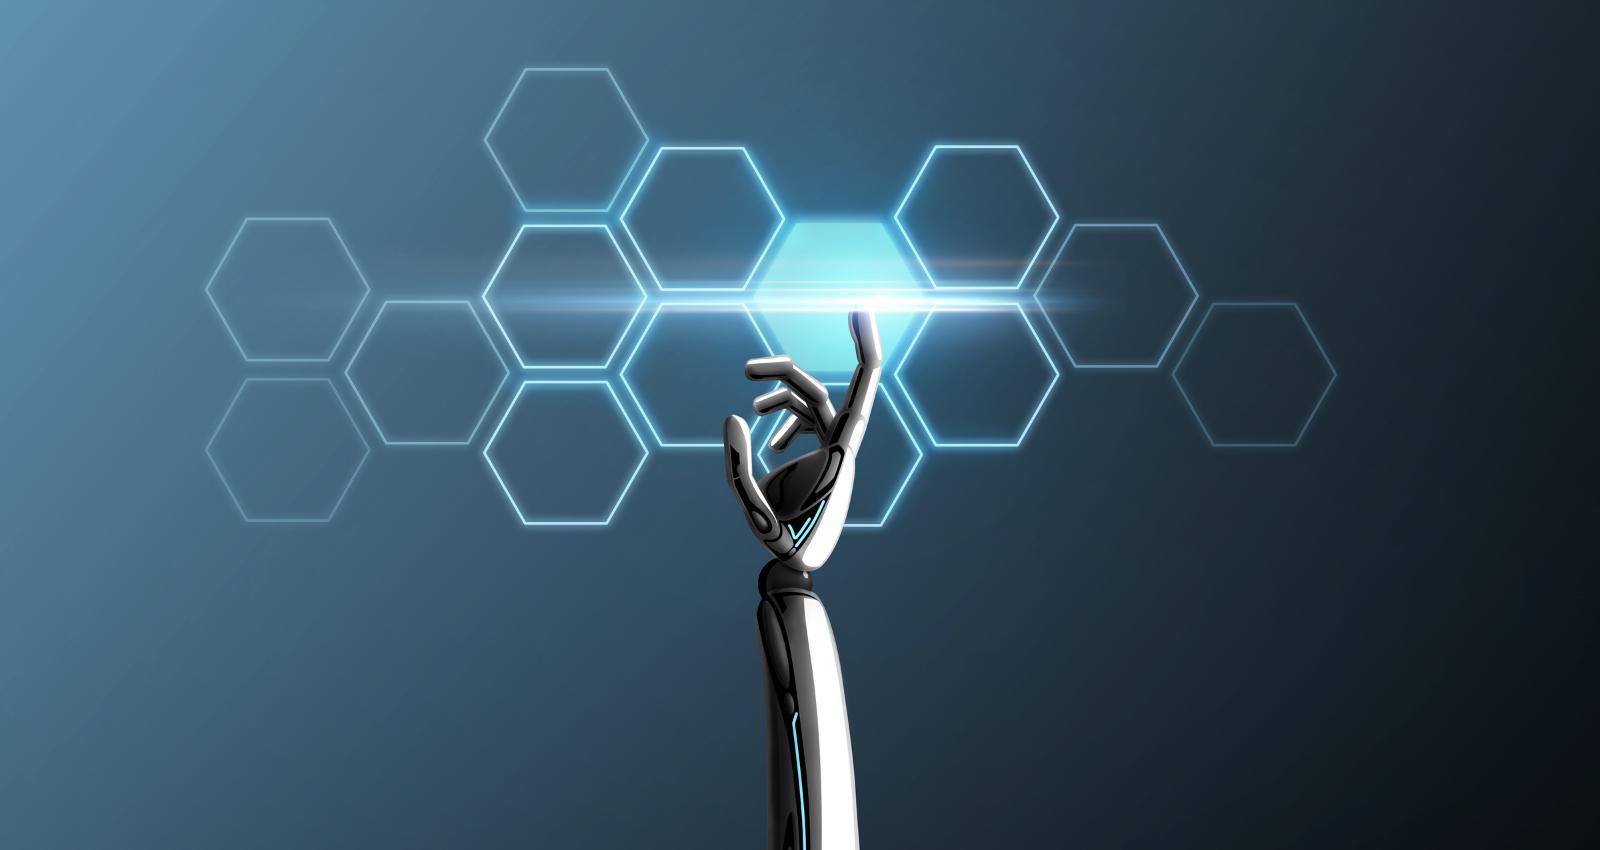 Robot hand touching light